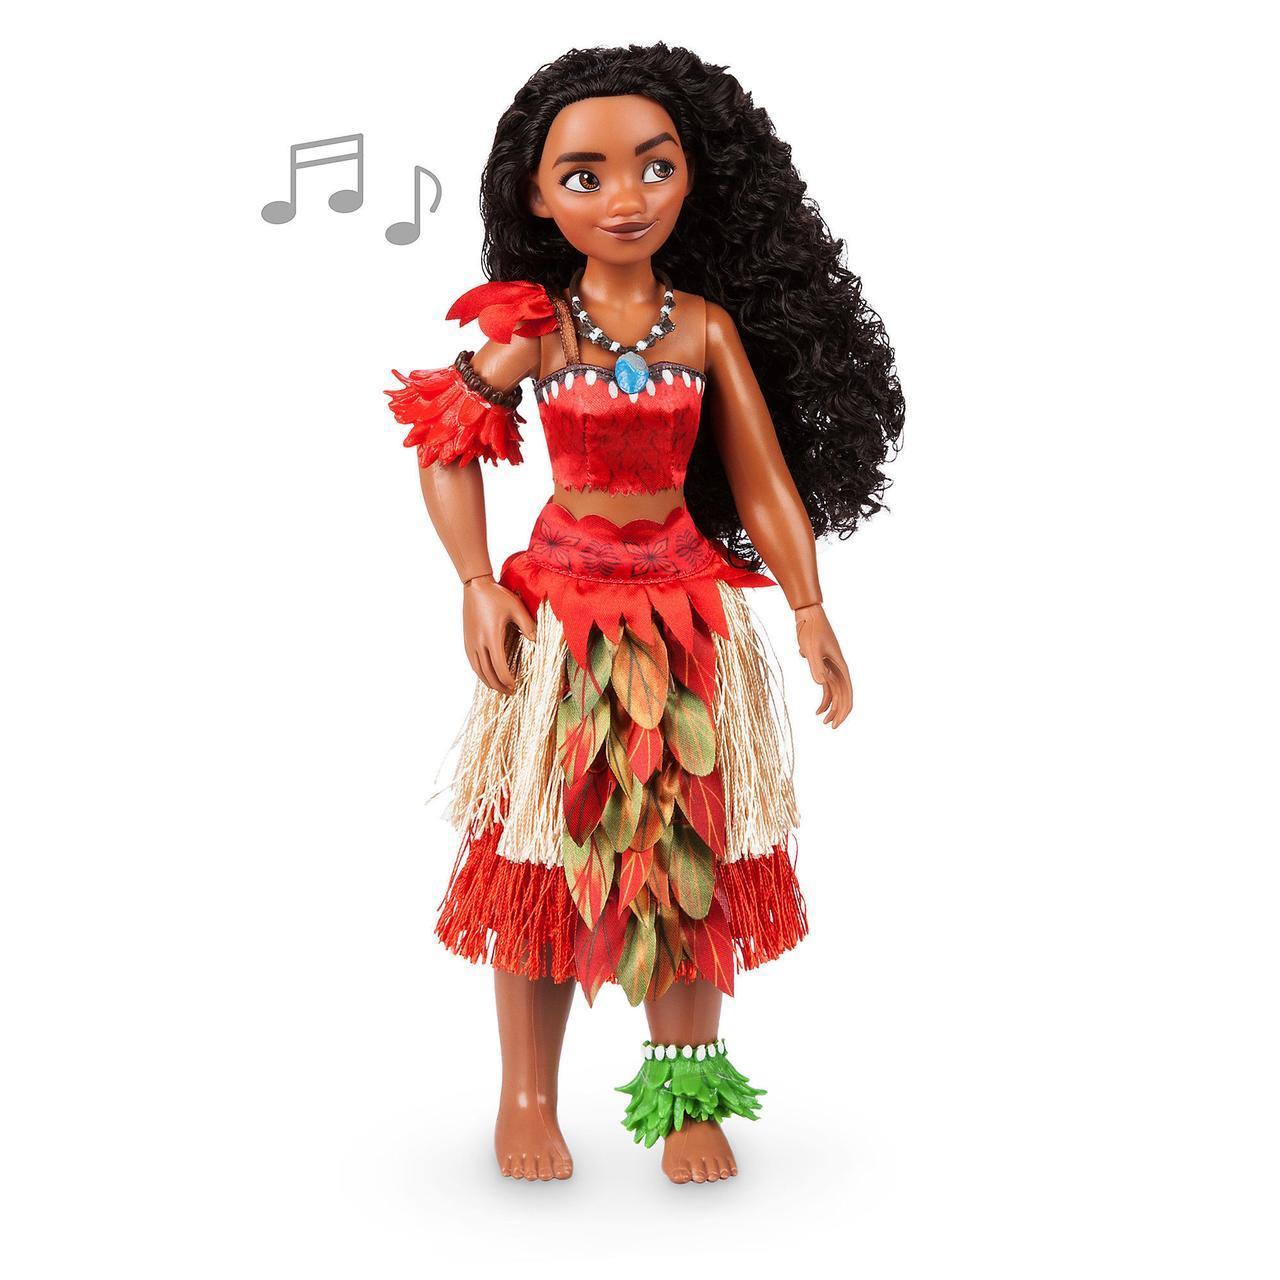 Поющая кукла Моана - Moana Ваяна принцесса Дисней куклы Disney